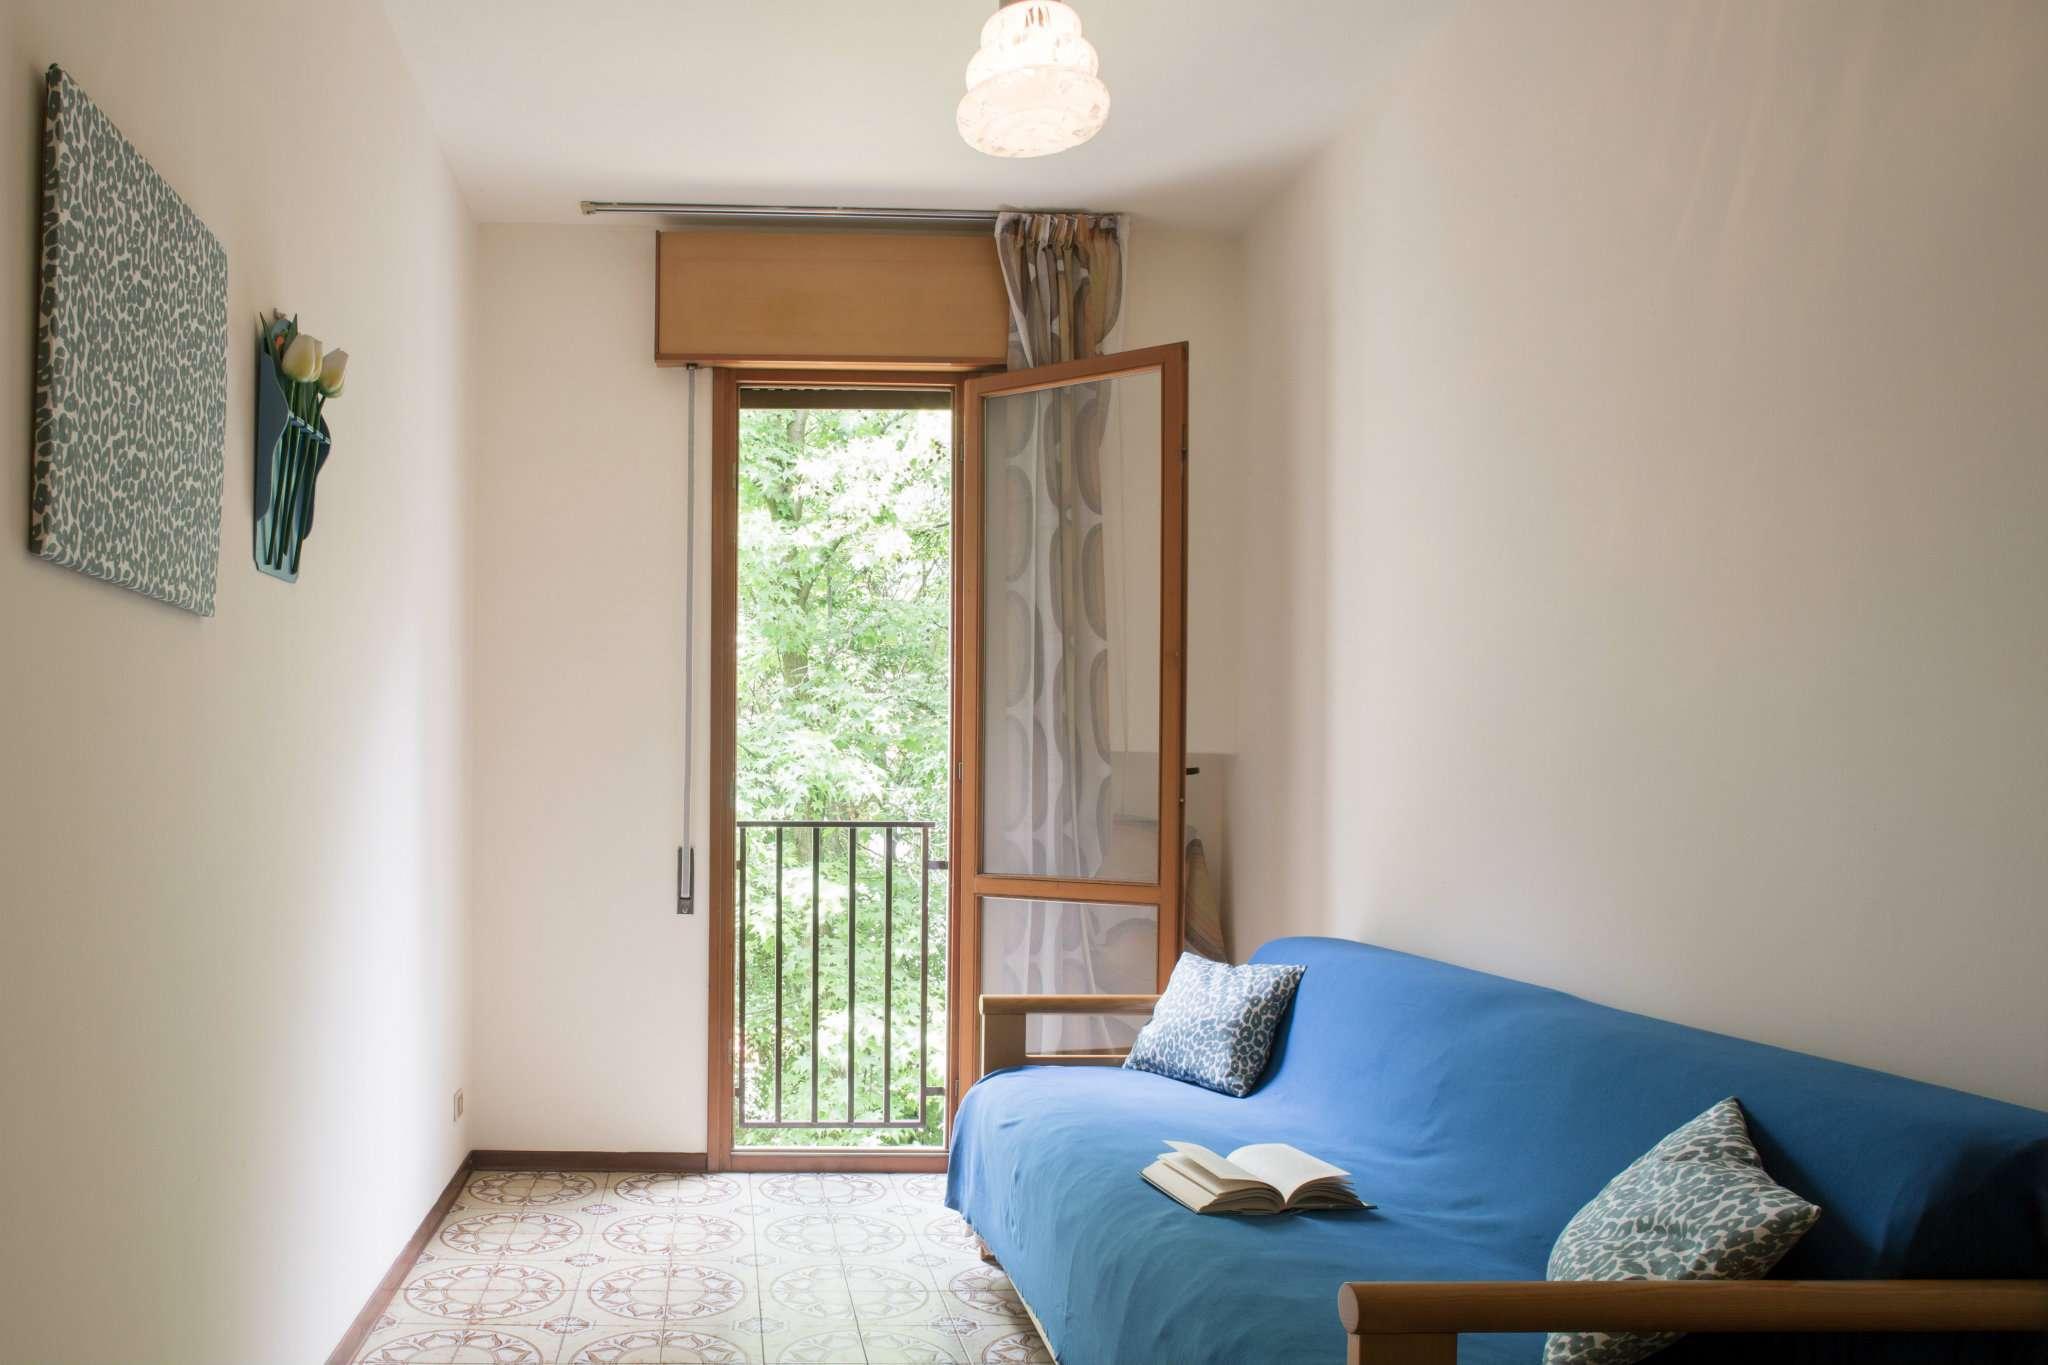 Appartamento in vendita a Mirano, 8 locali, prezzo € 139.000 | Cambio Casa.it